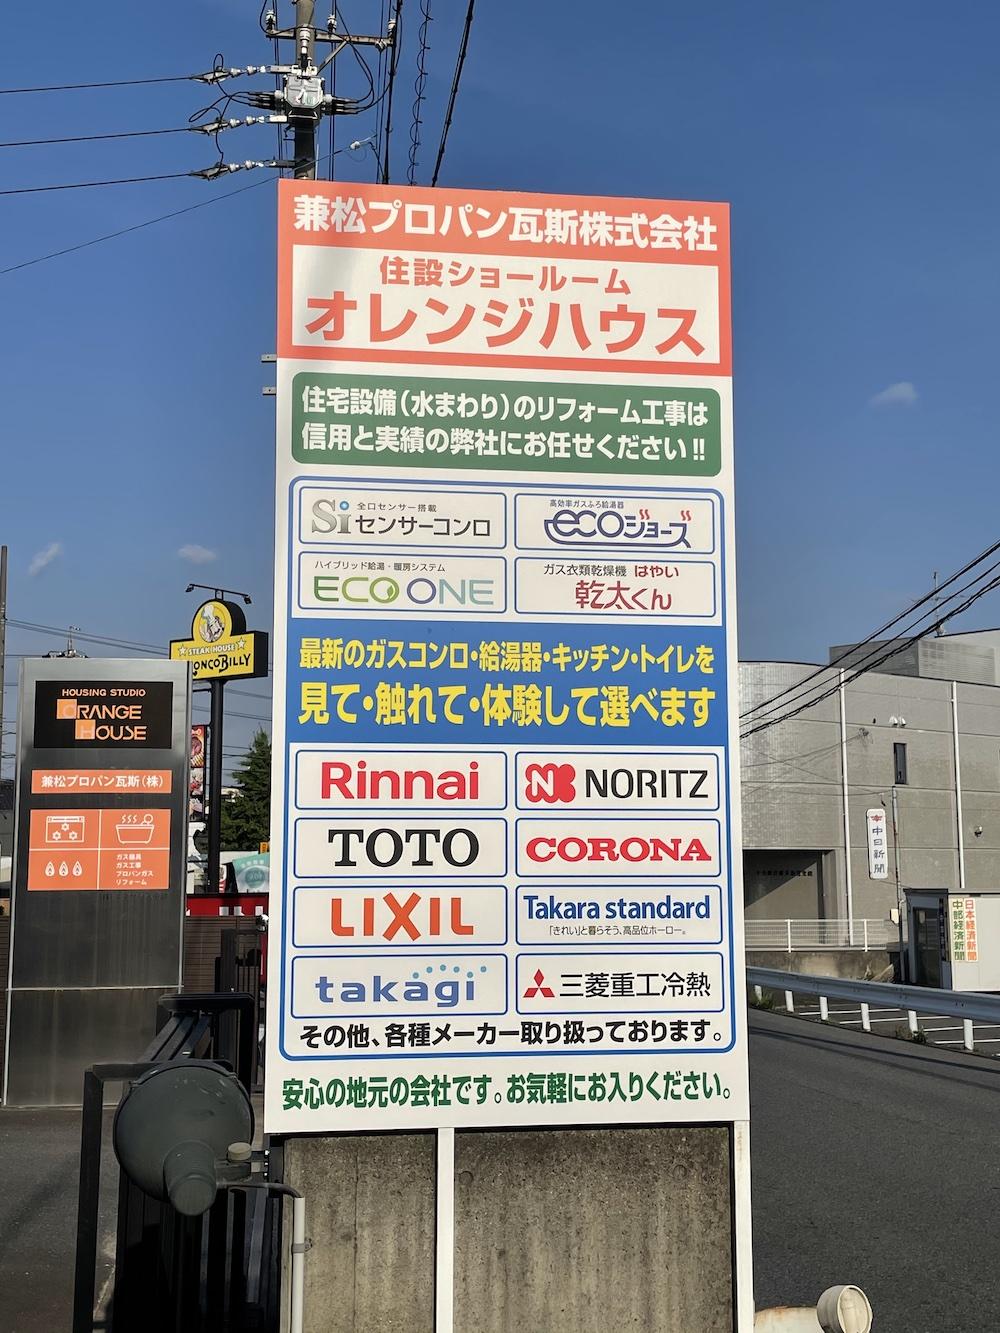 多治見市のリフォーム会社兼松プロパン瓦斯様のショールーム「オレンジハウス」の店舗看板